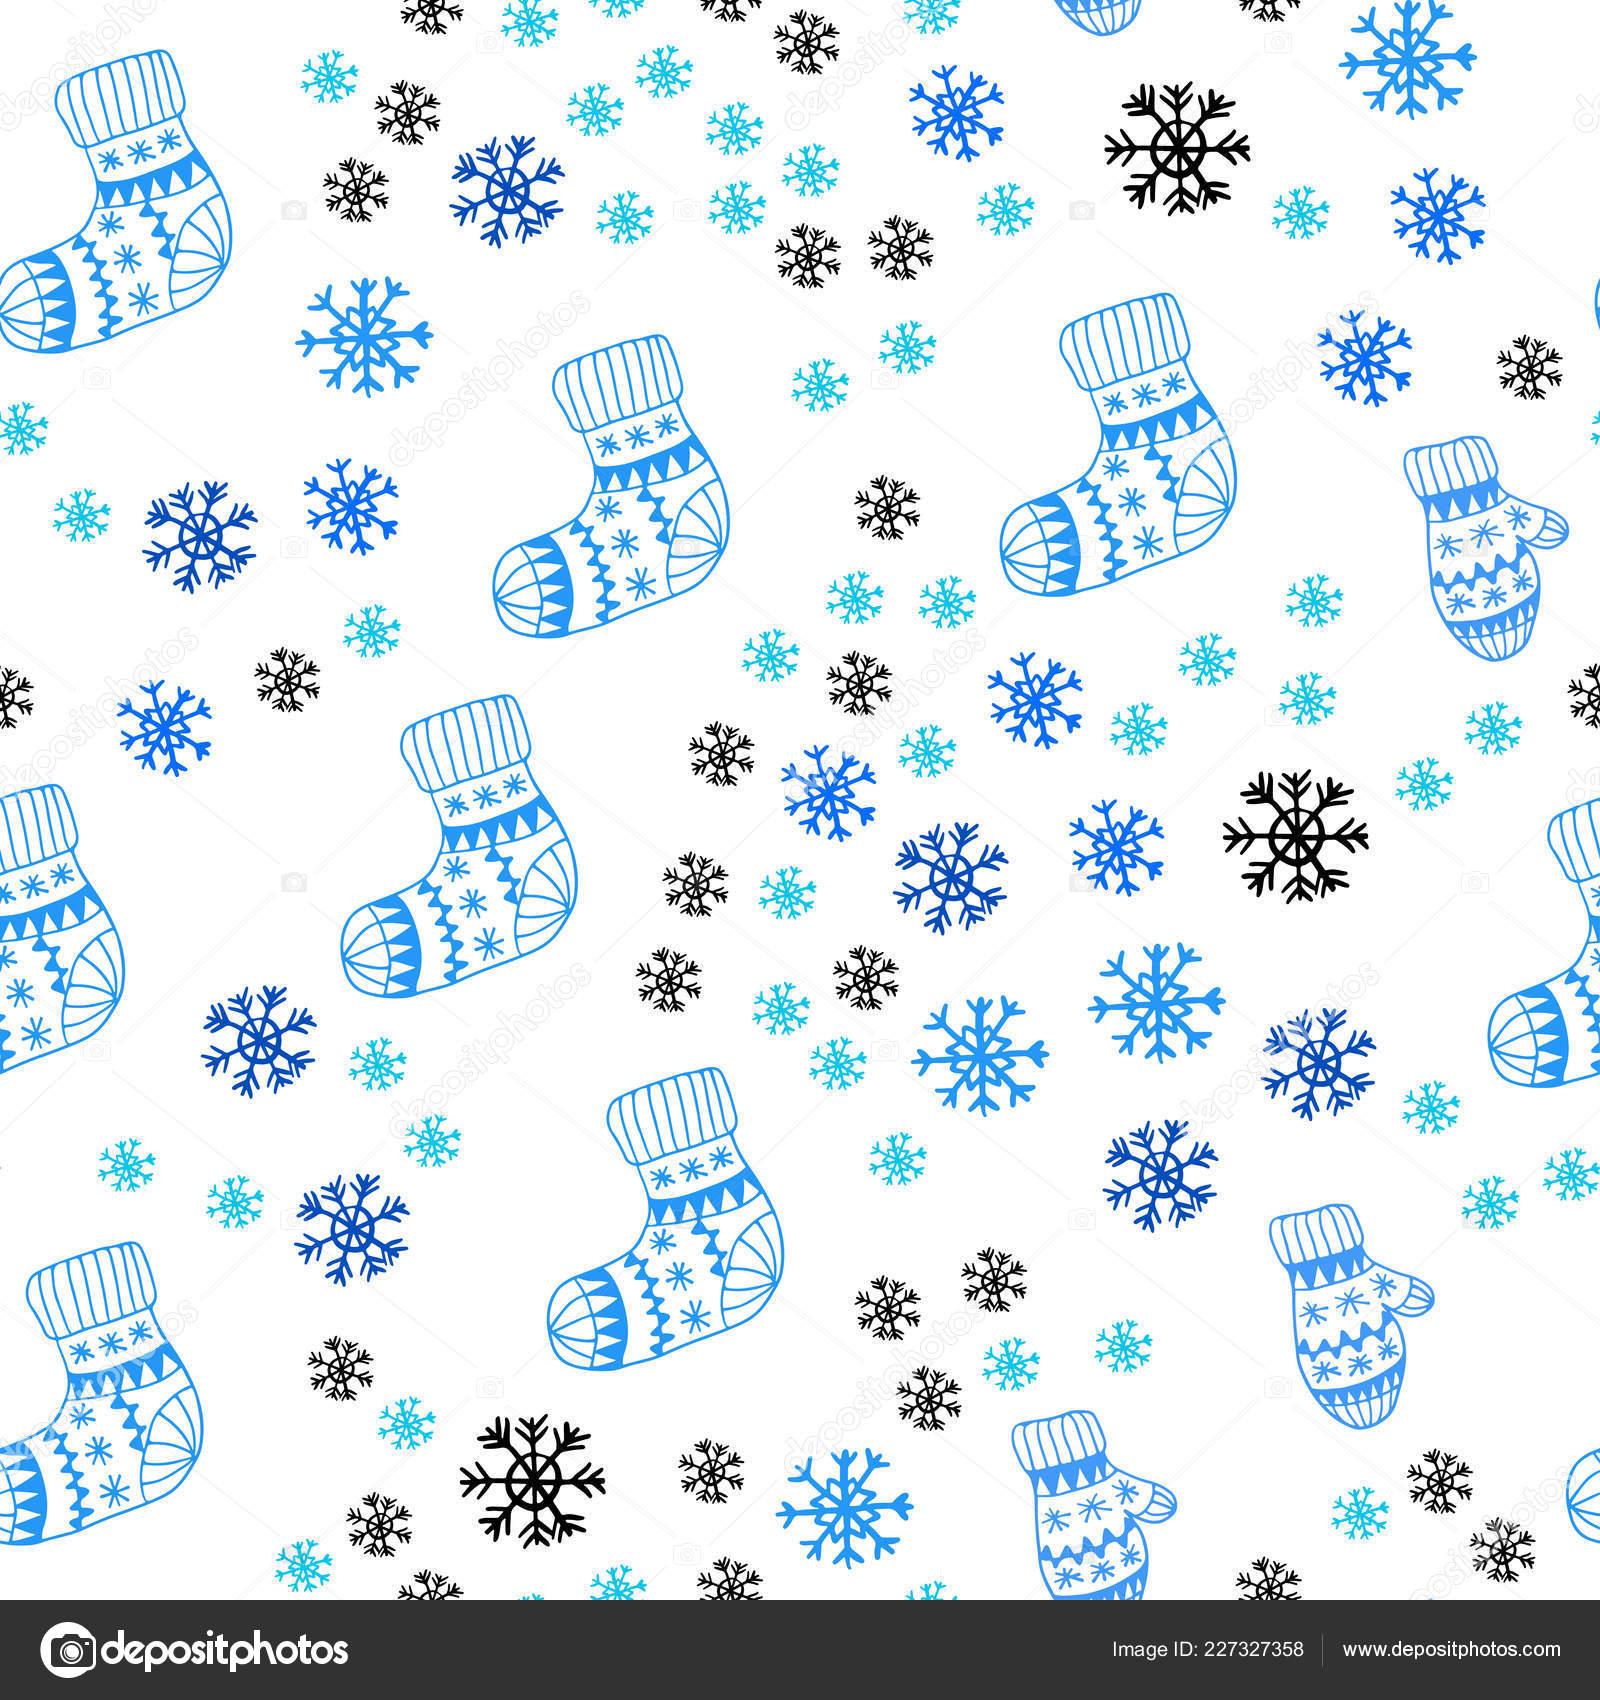 Bleu Clair Avec Des Flocons De Neige Glacee Balles Chaussettes Mitaines Paillettes Abstract Illustration Degrade Modele Pour Cartes Visite